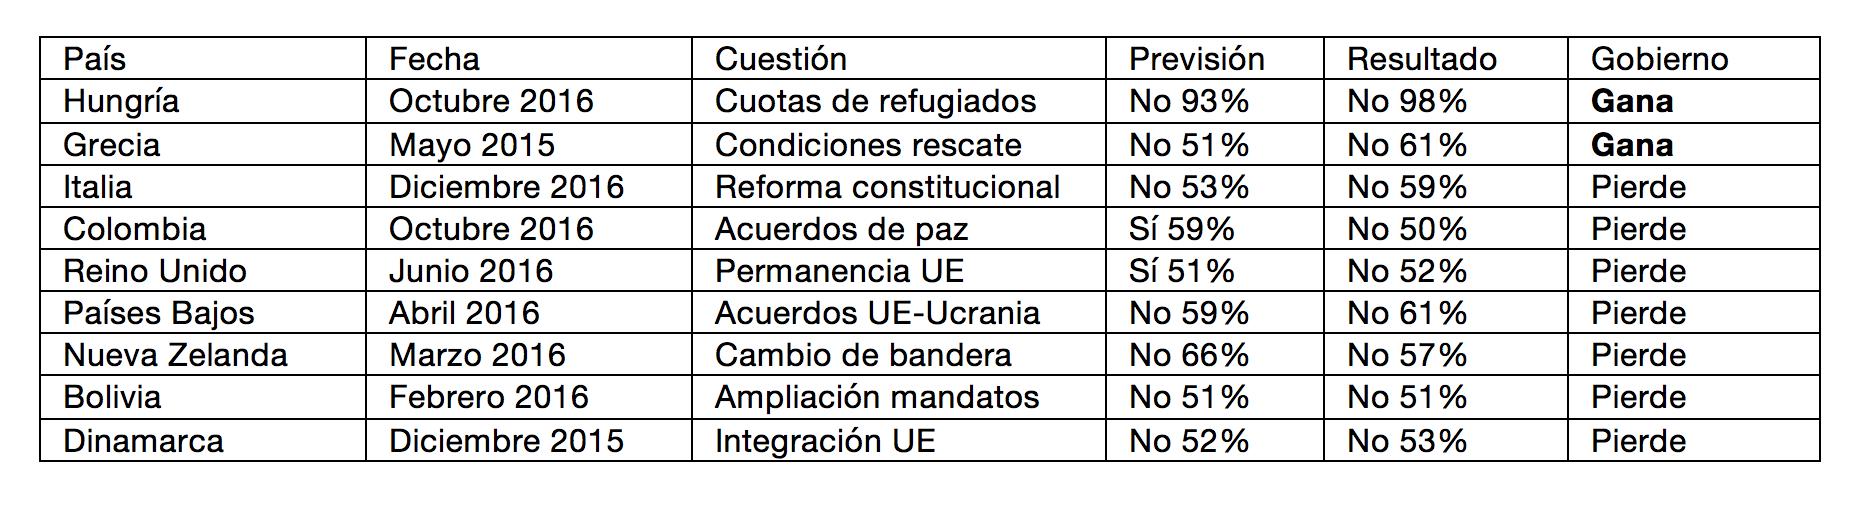 2-Michavila-Referendums.png